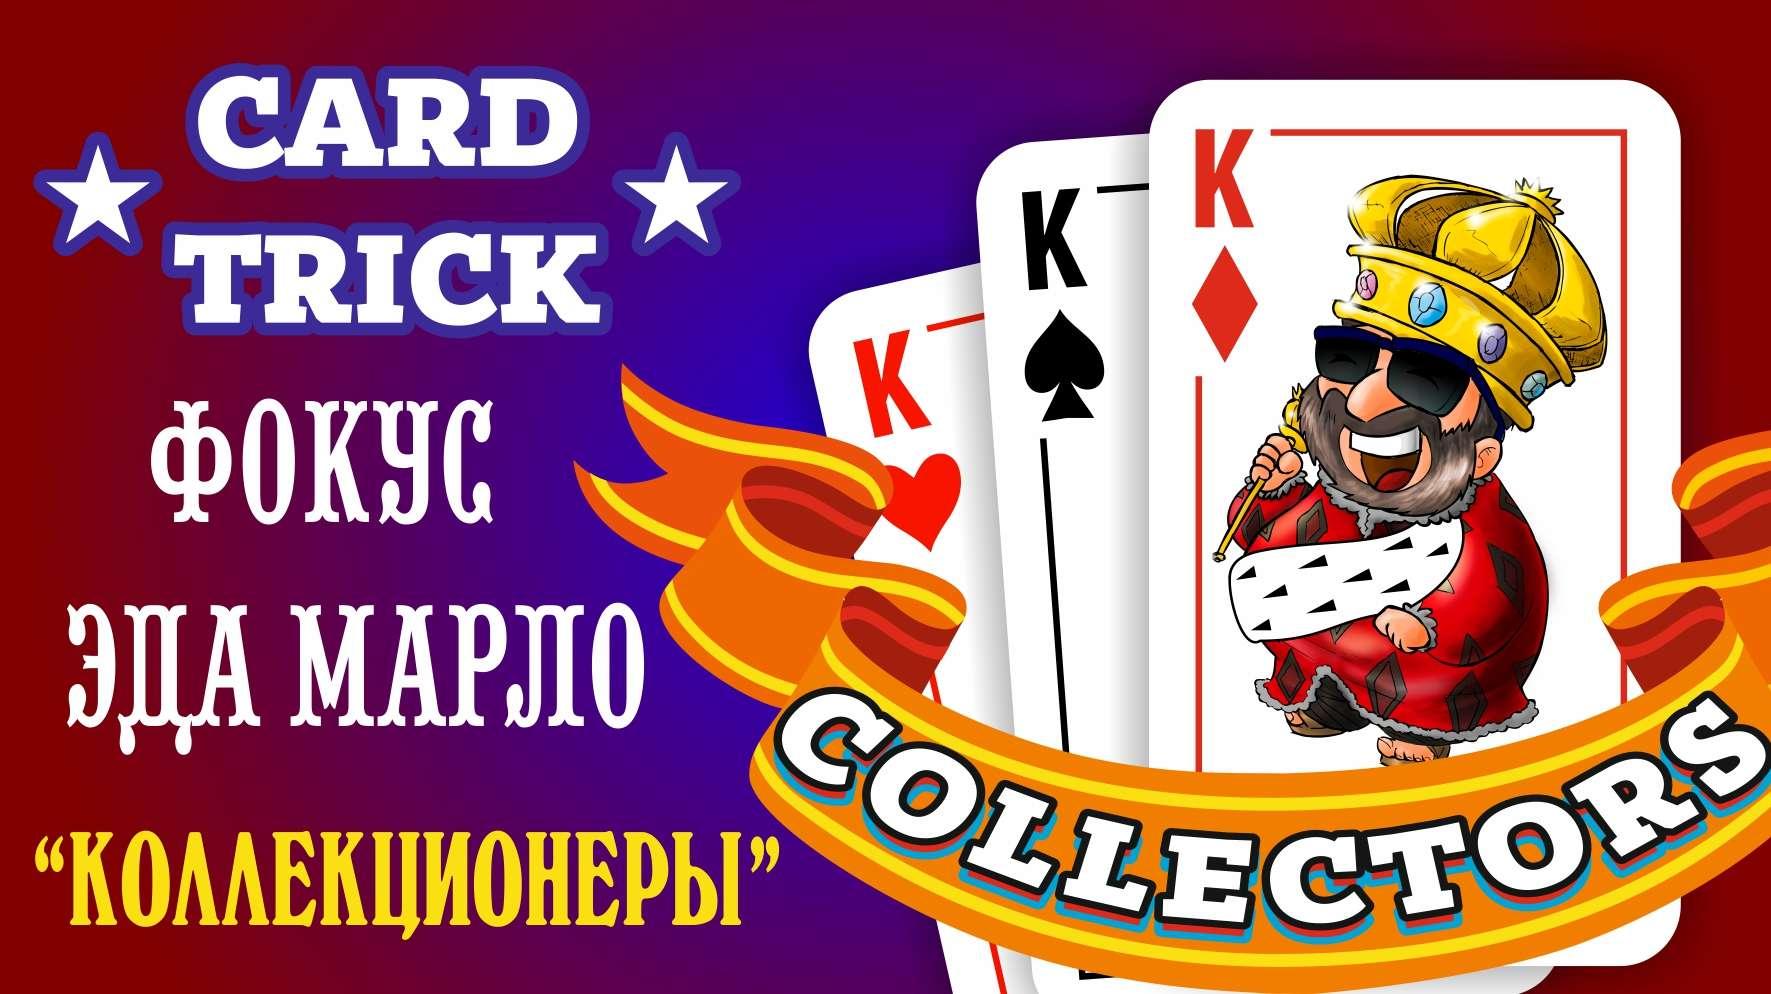 slozhnye-fokusy-s-kartami-card-tricks-by-ed-marlo